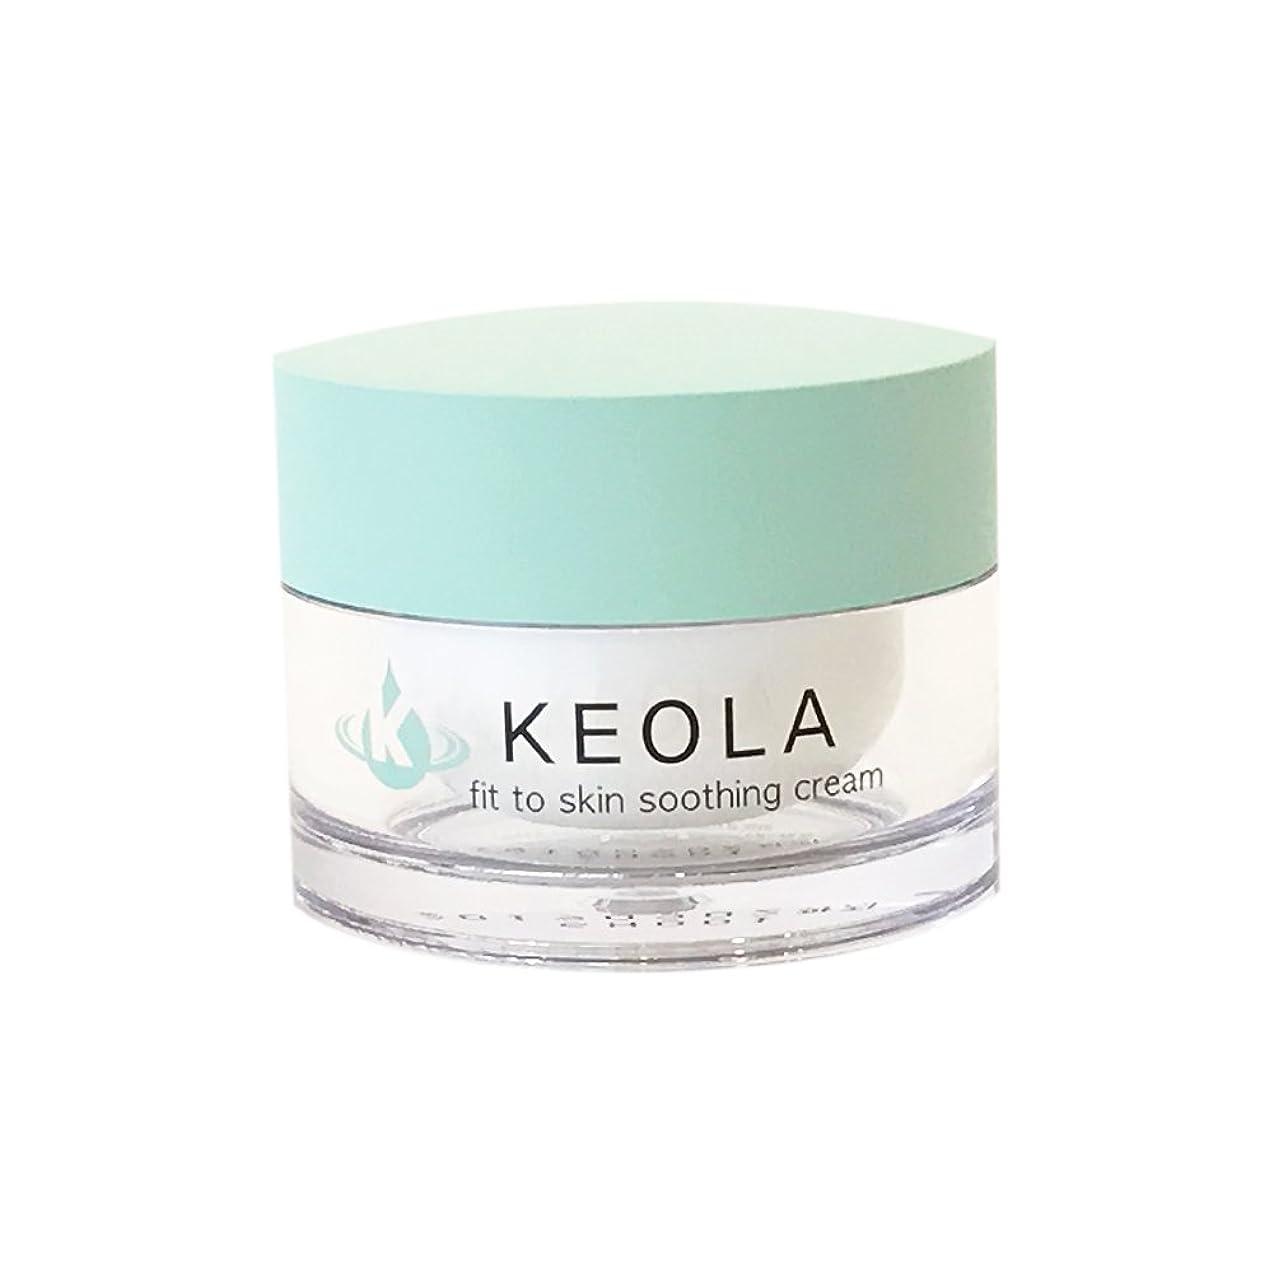 デマンドシアー中級[ケオラ] KEOLA フィットスキンスージングクリーム 50g (KEOLA FIT TO SKIN SOOTHING CREAM 50g) [並行輸入品]